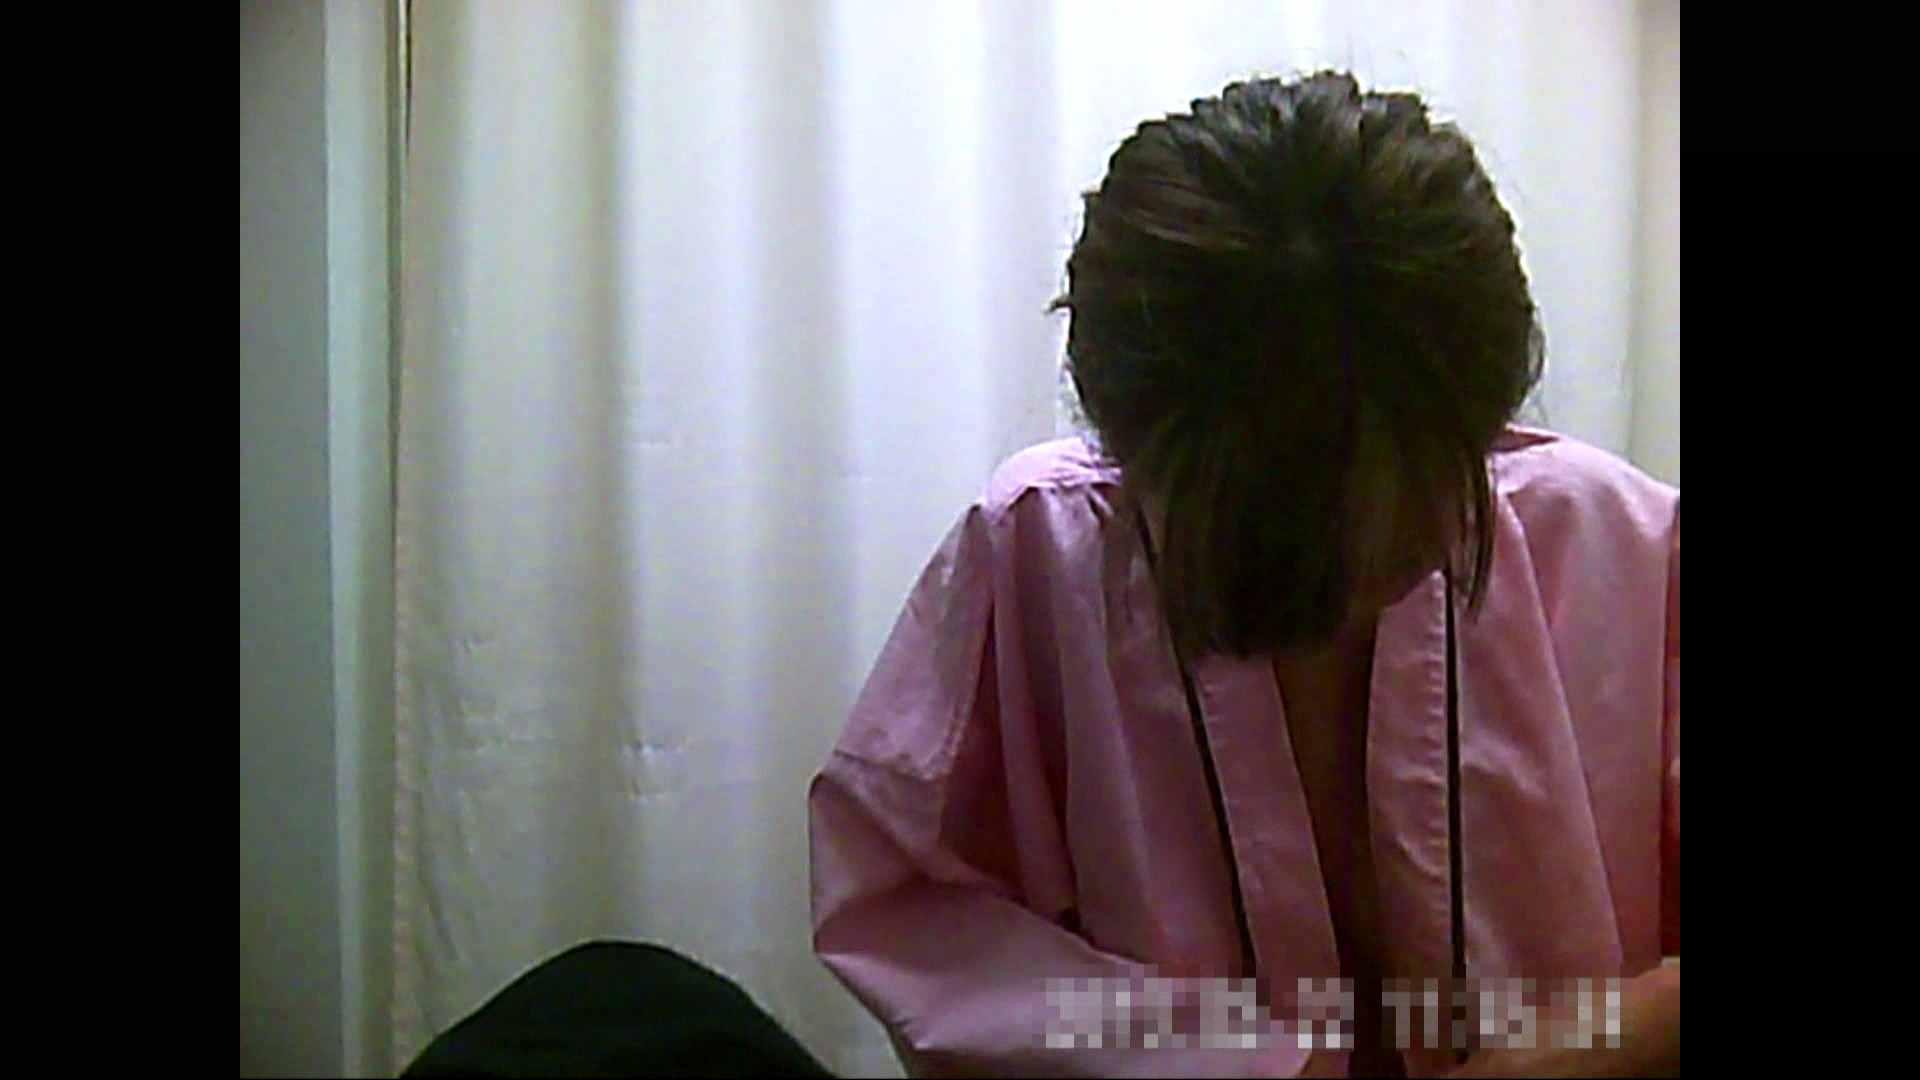 病院おもいっきり着替え! vol.188 巨乳 すけべAV動画紹介 105pic 75